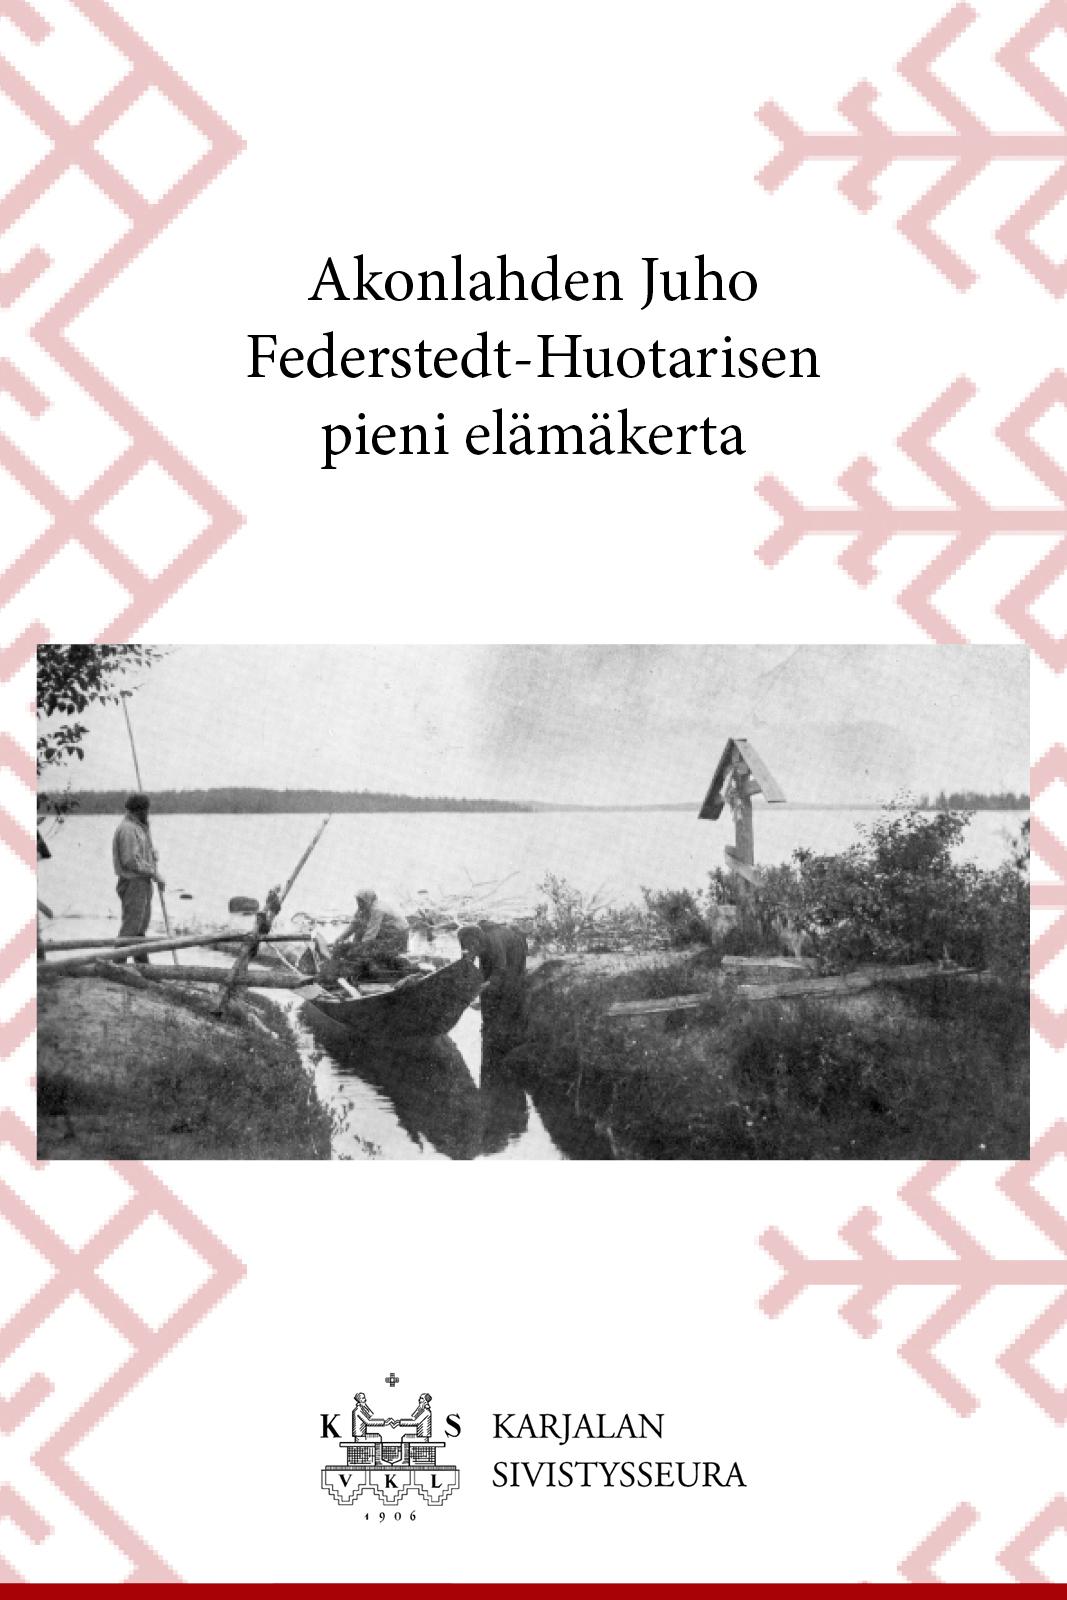 Akonlahden Juho Federstedt-Huotarisen pieni elämäkerta